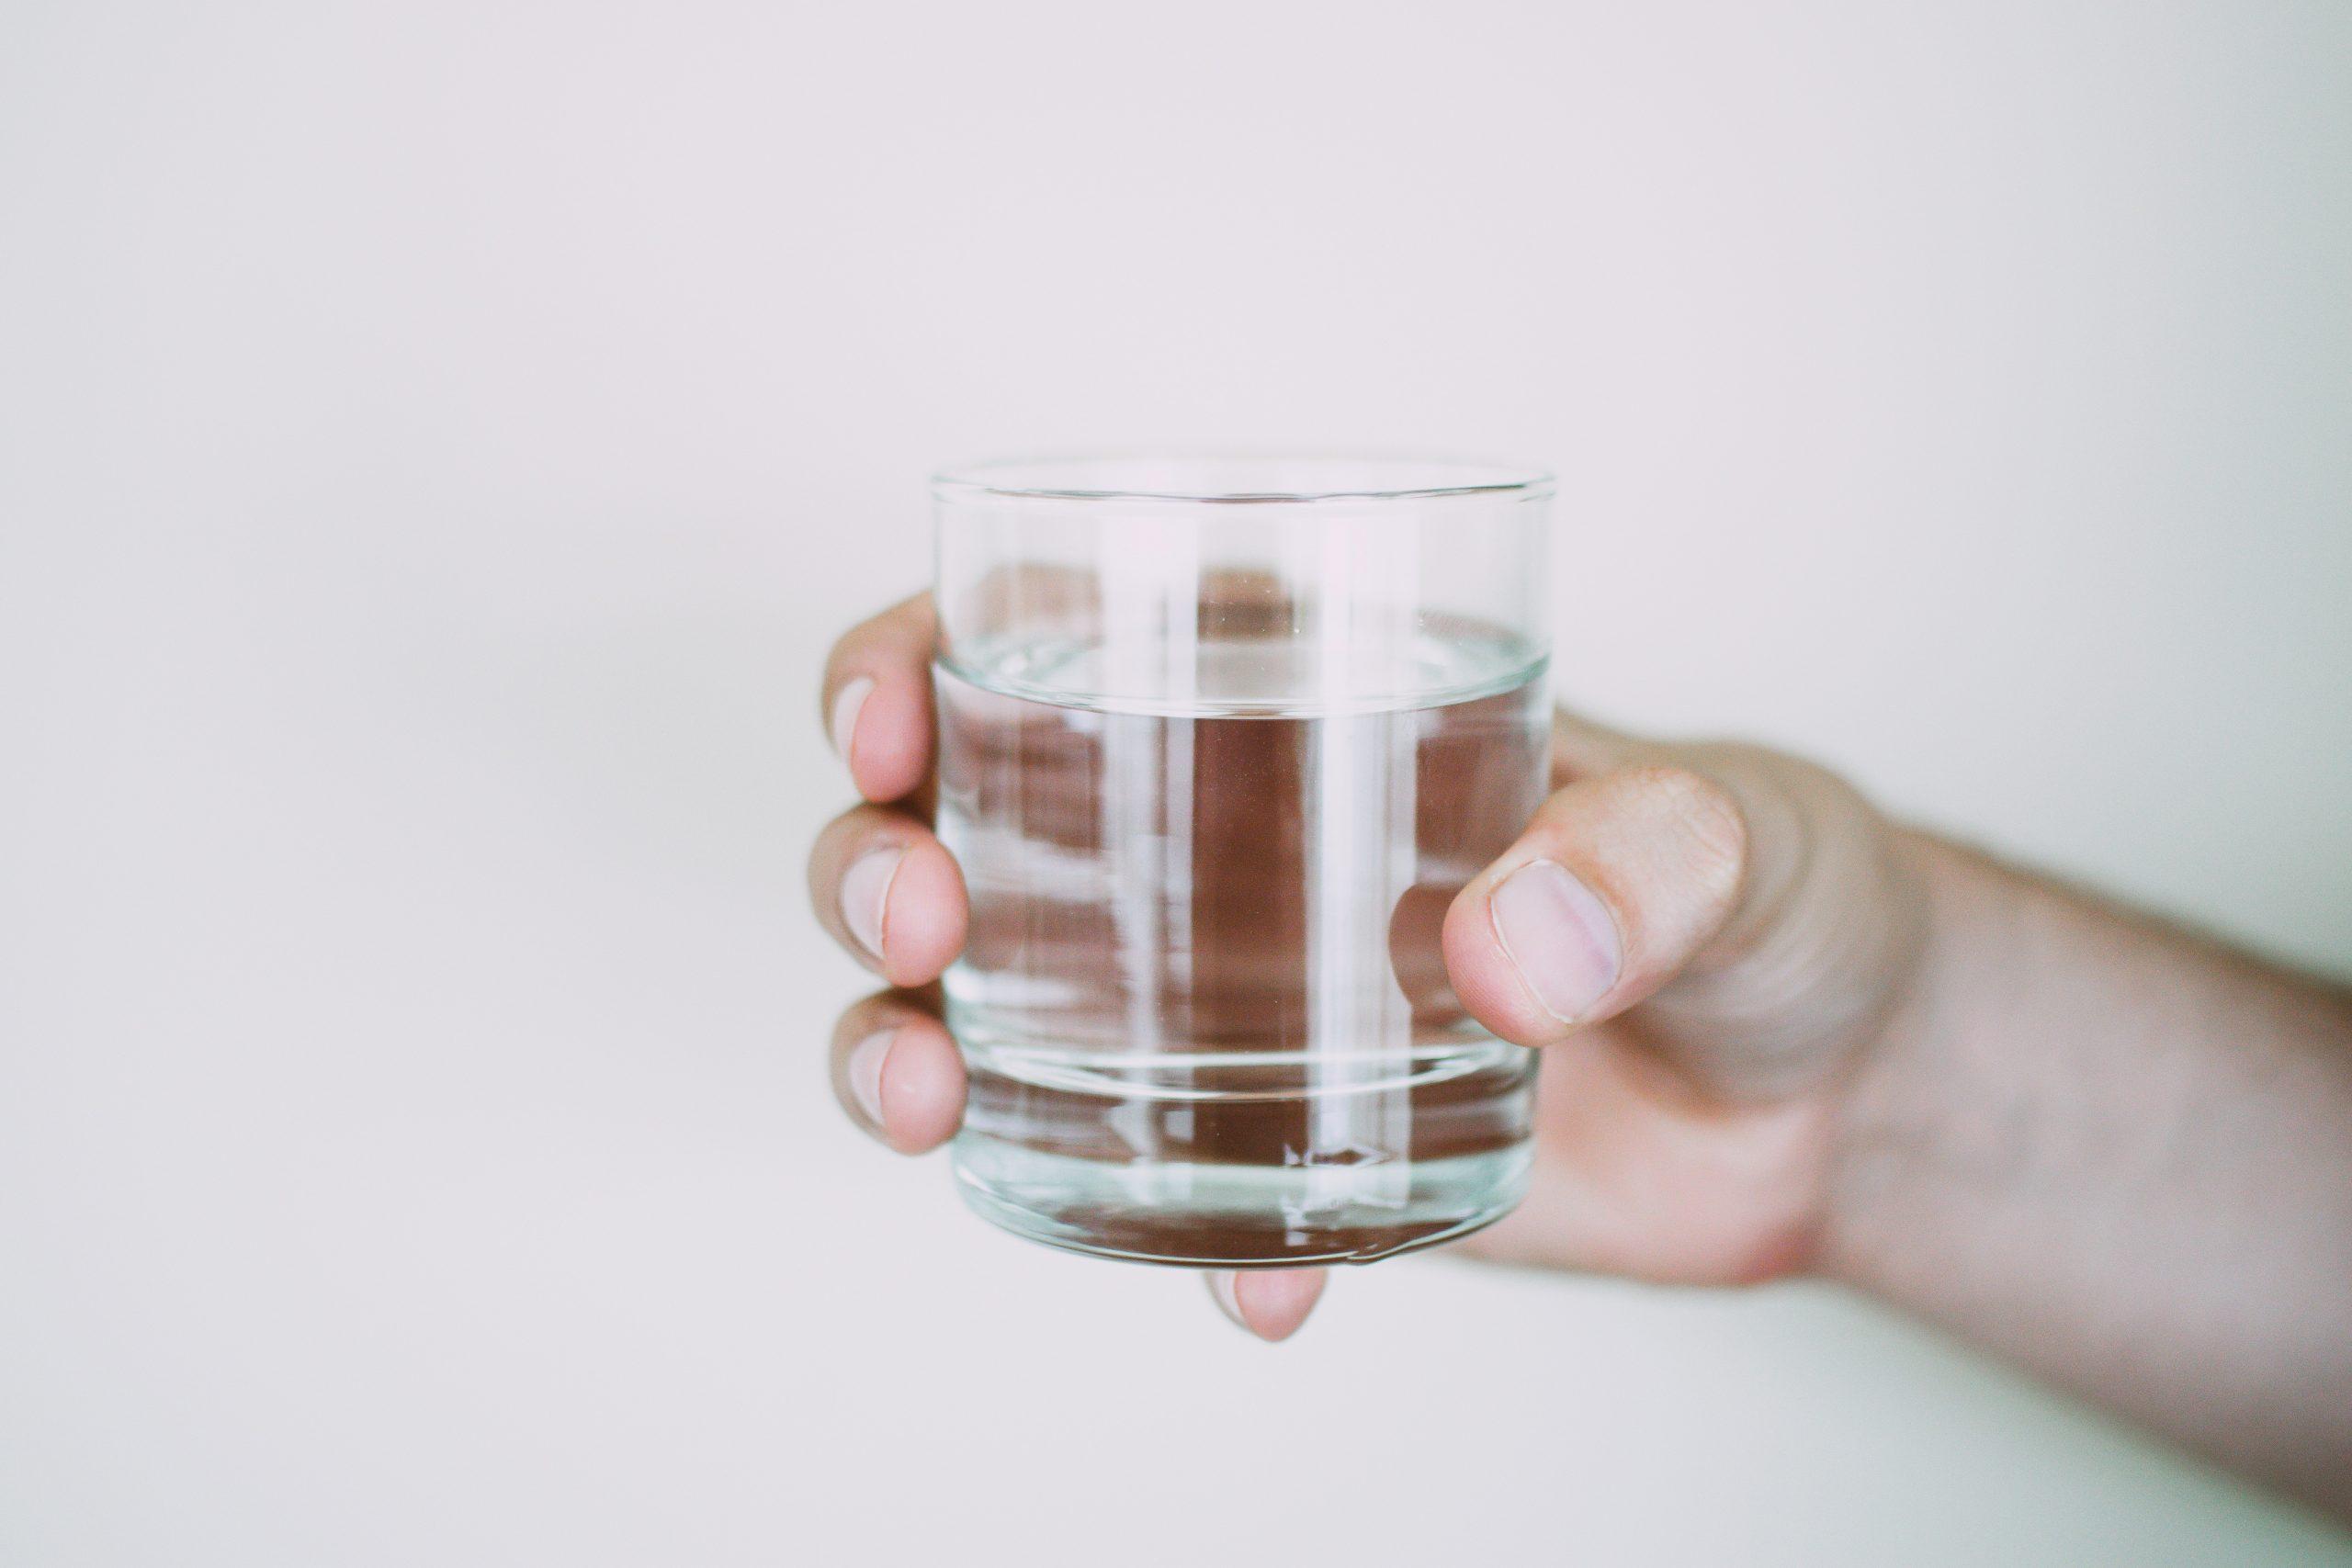 Mão segurando um copo com água